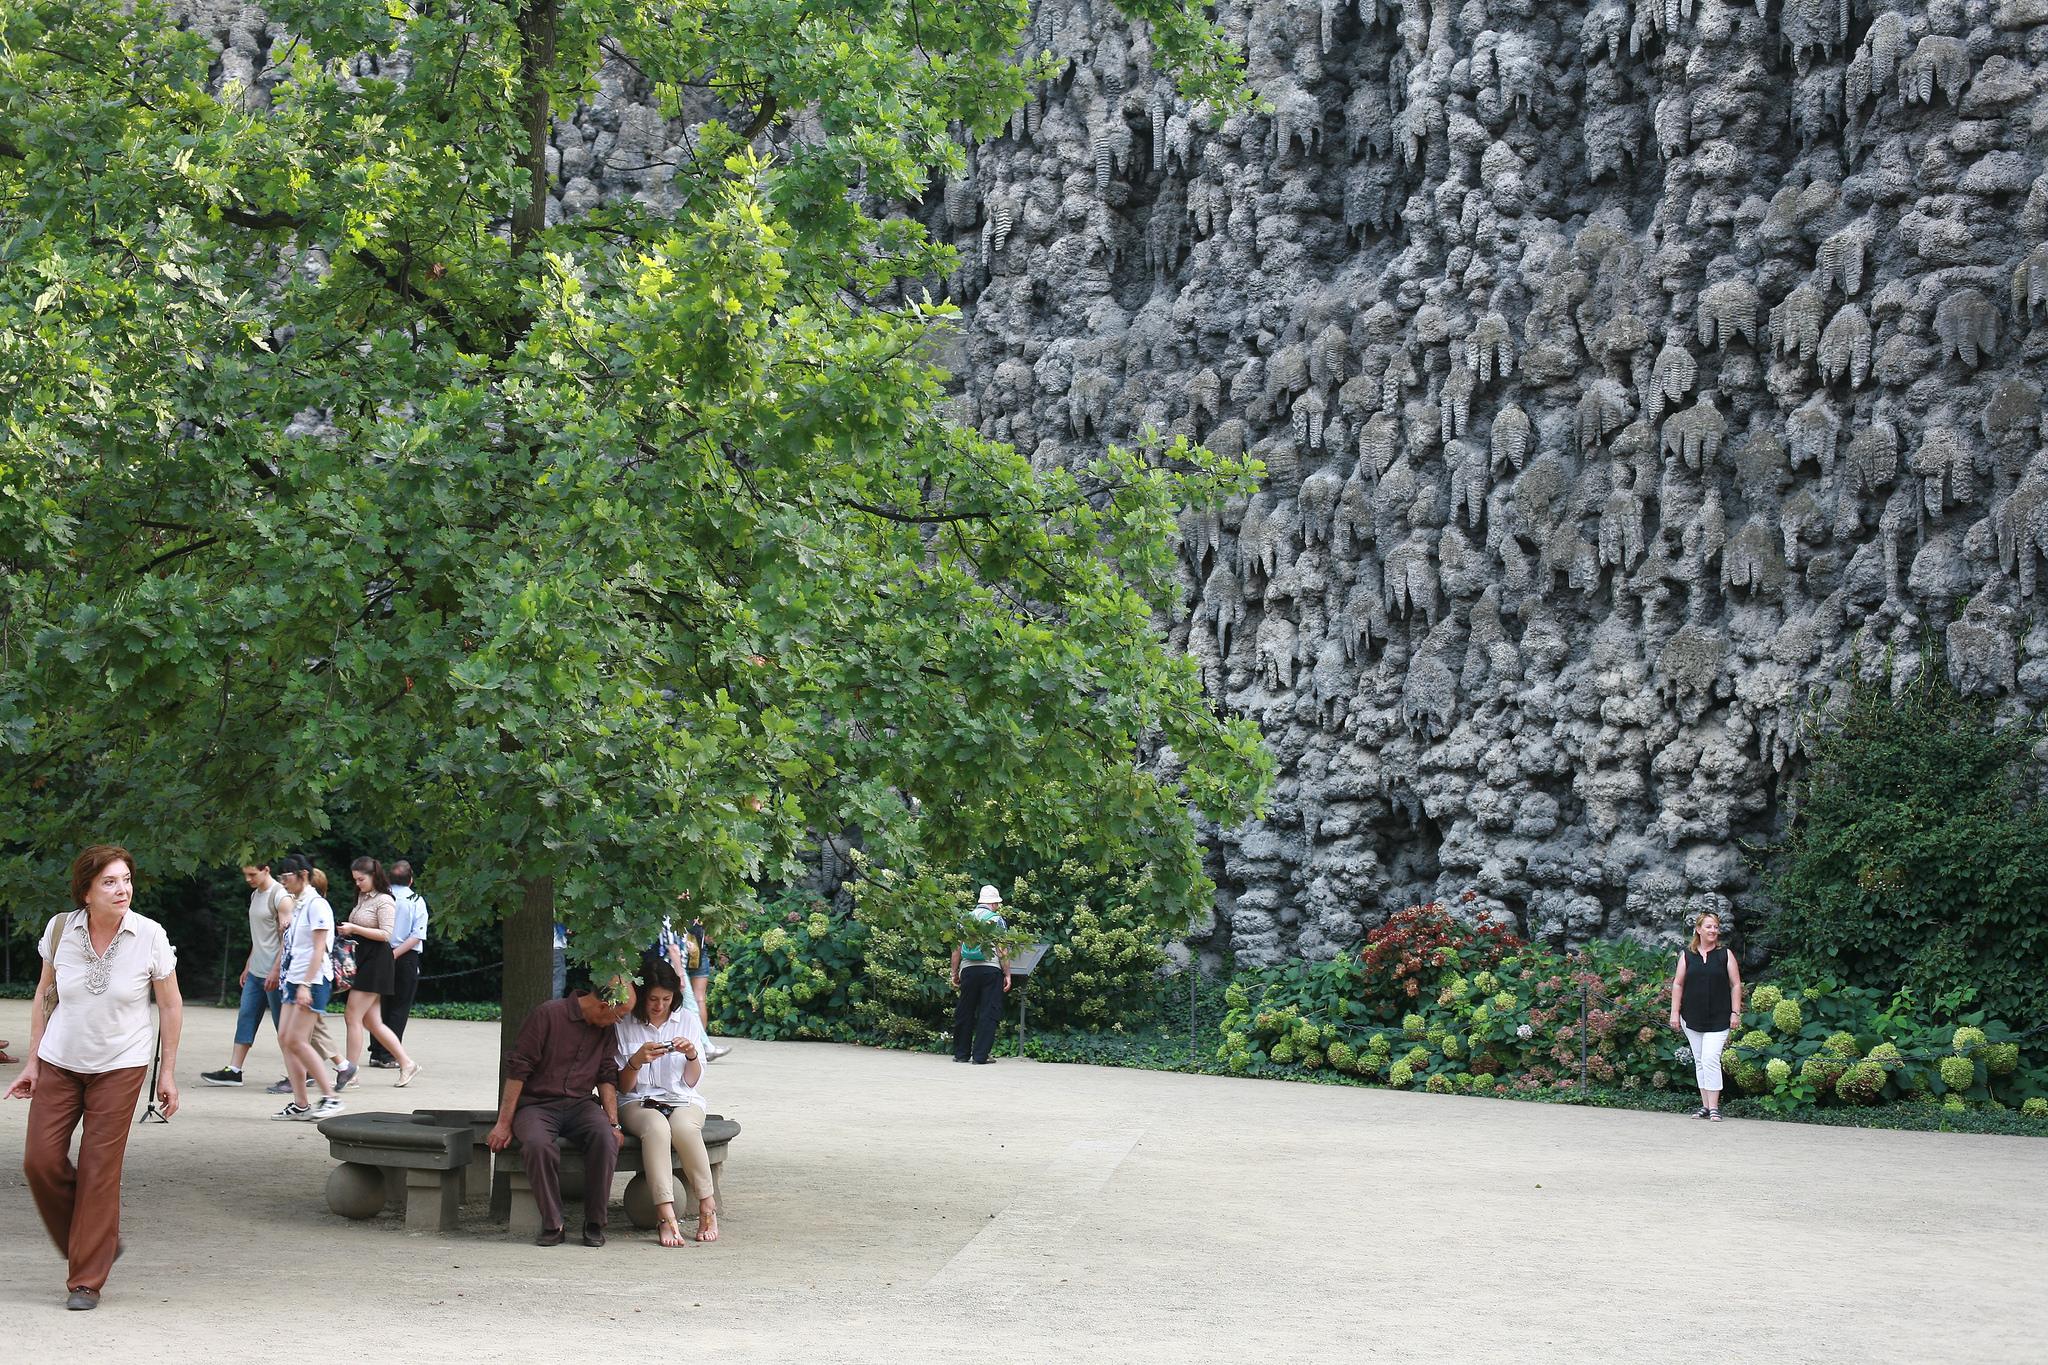 The Grotto at Wallenstein Gardens in Prage